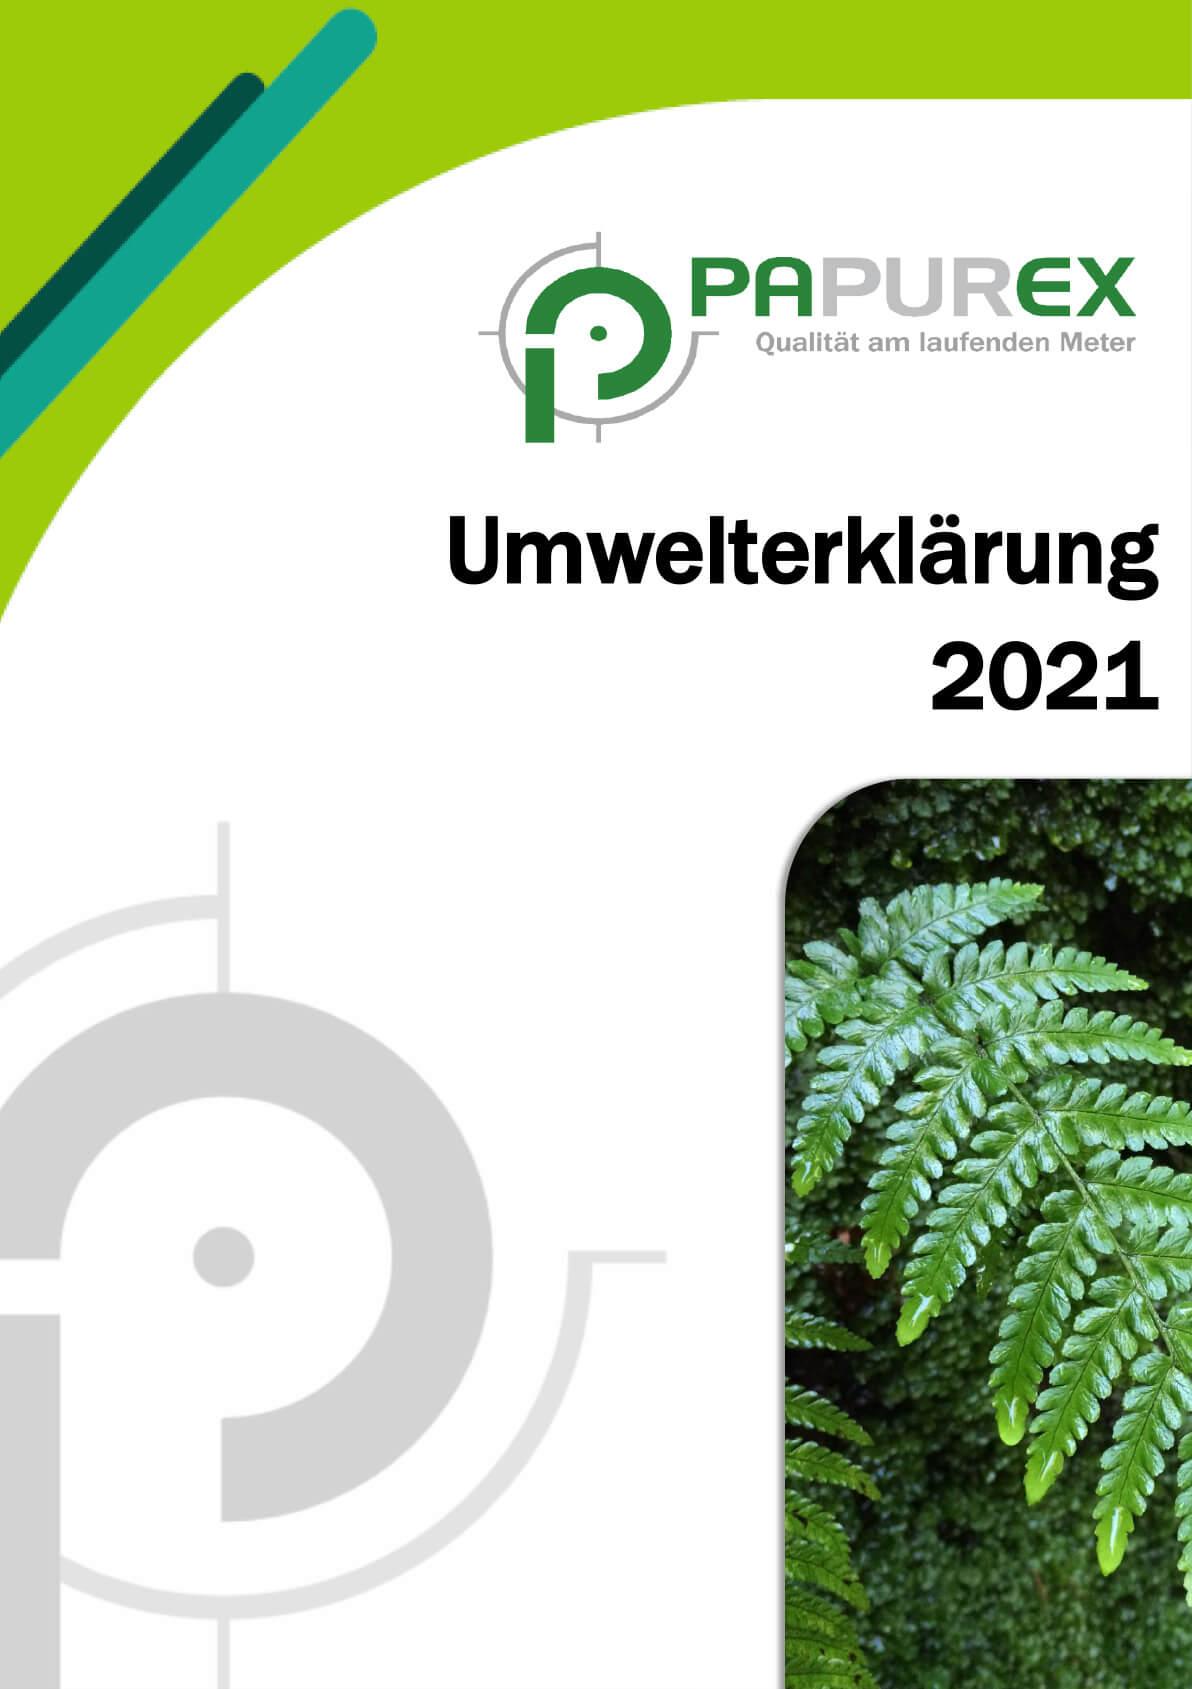 PAPUREX Umwelterklärung 2021